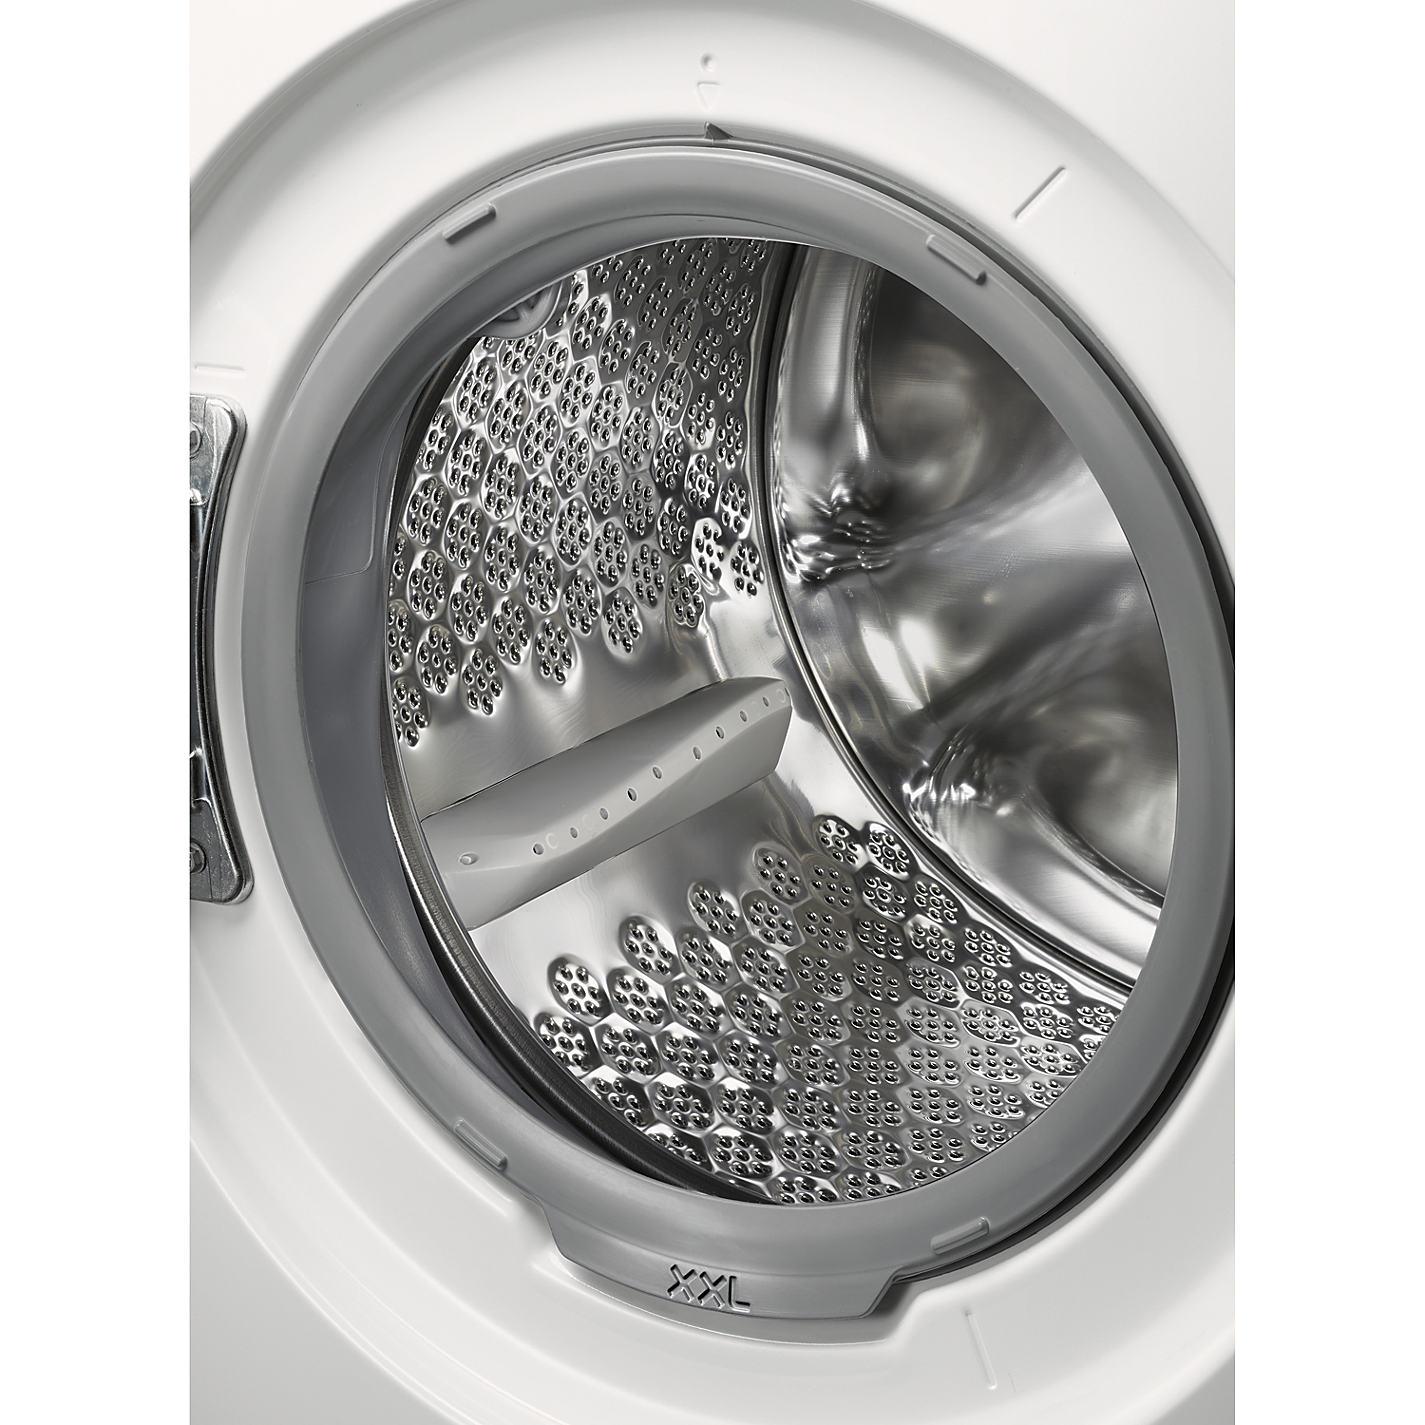 Обслуживание стиральных машин electrolux 1-я Белогорская улица обслуживание стиральных машин АЕГ Андреевская набережная